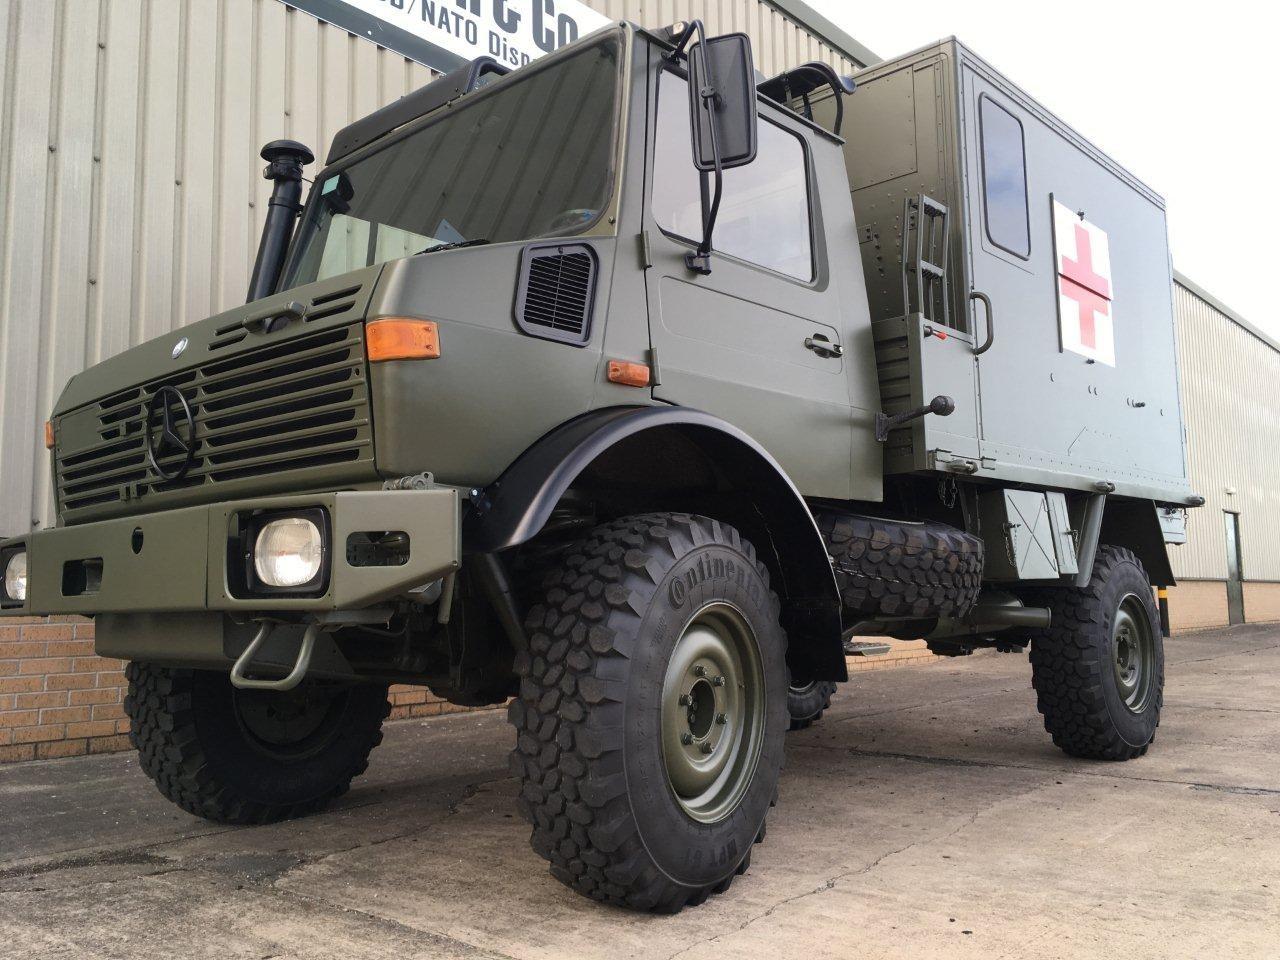 Mercedes Benz Unimog U1300L 4x4 Скорая помощь | Конверсионная техника с военного хранения